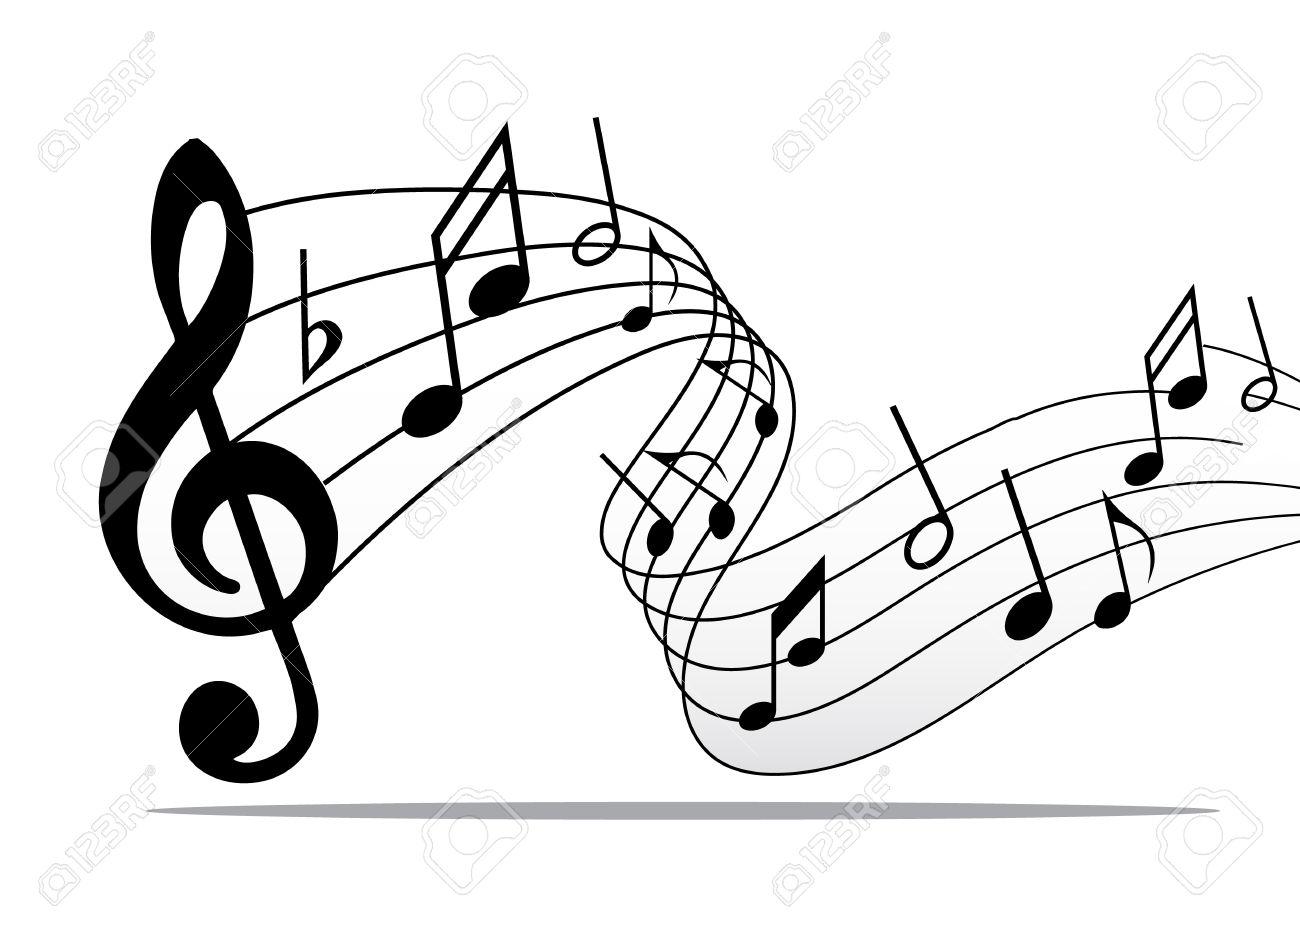 Líneas De Pentagrama Notas Musicales Clásicos Elementos